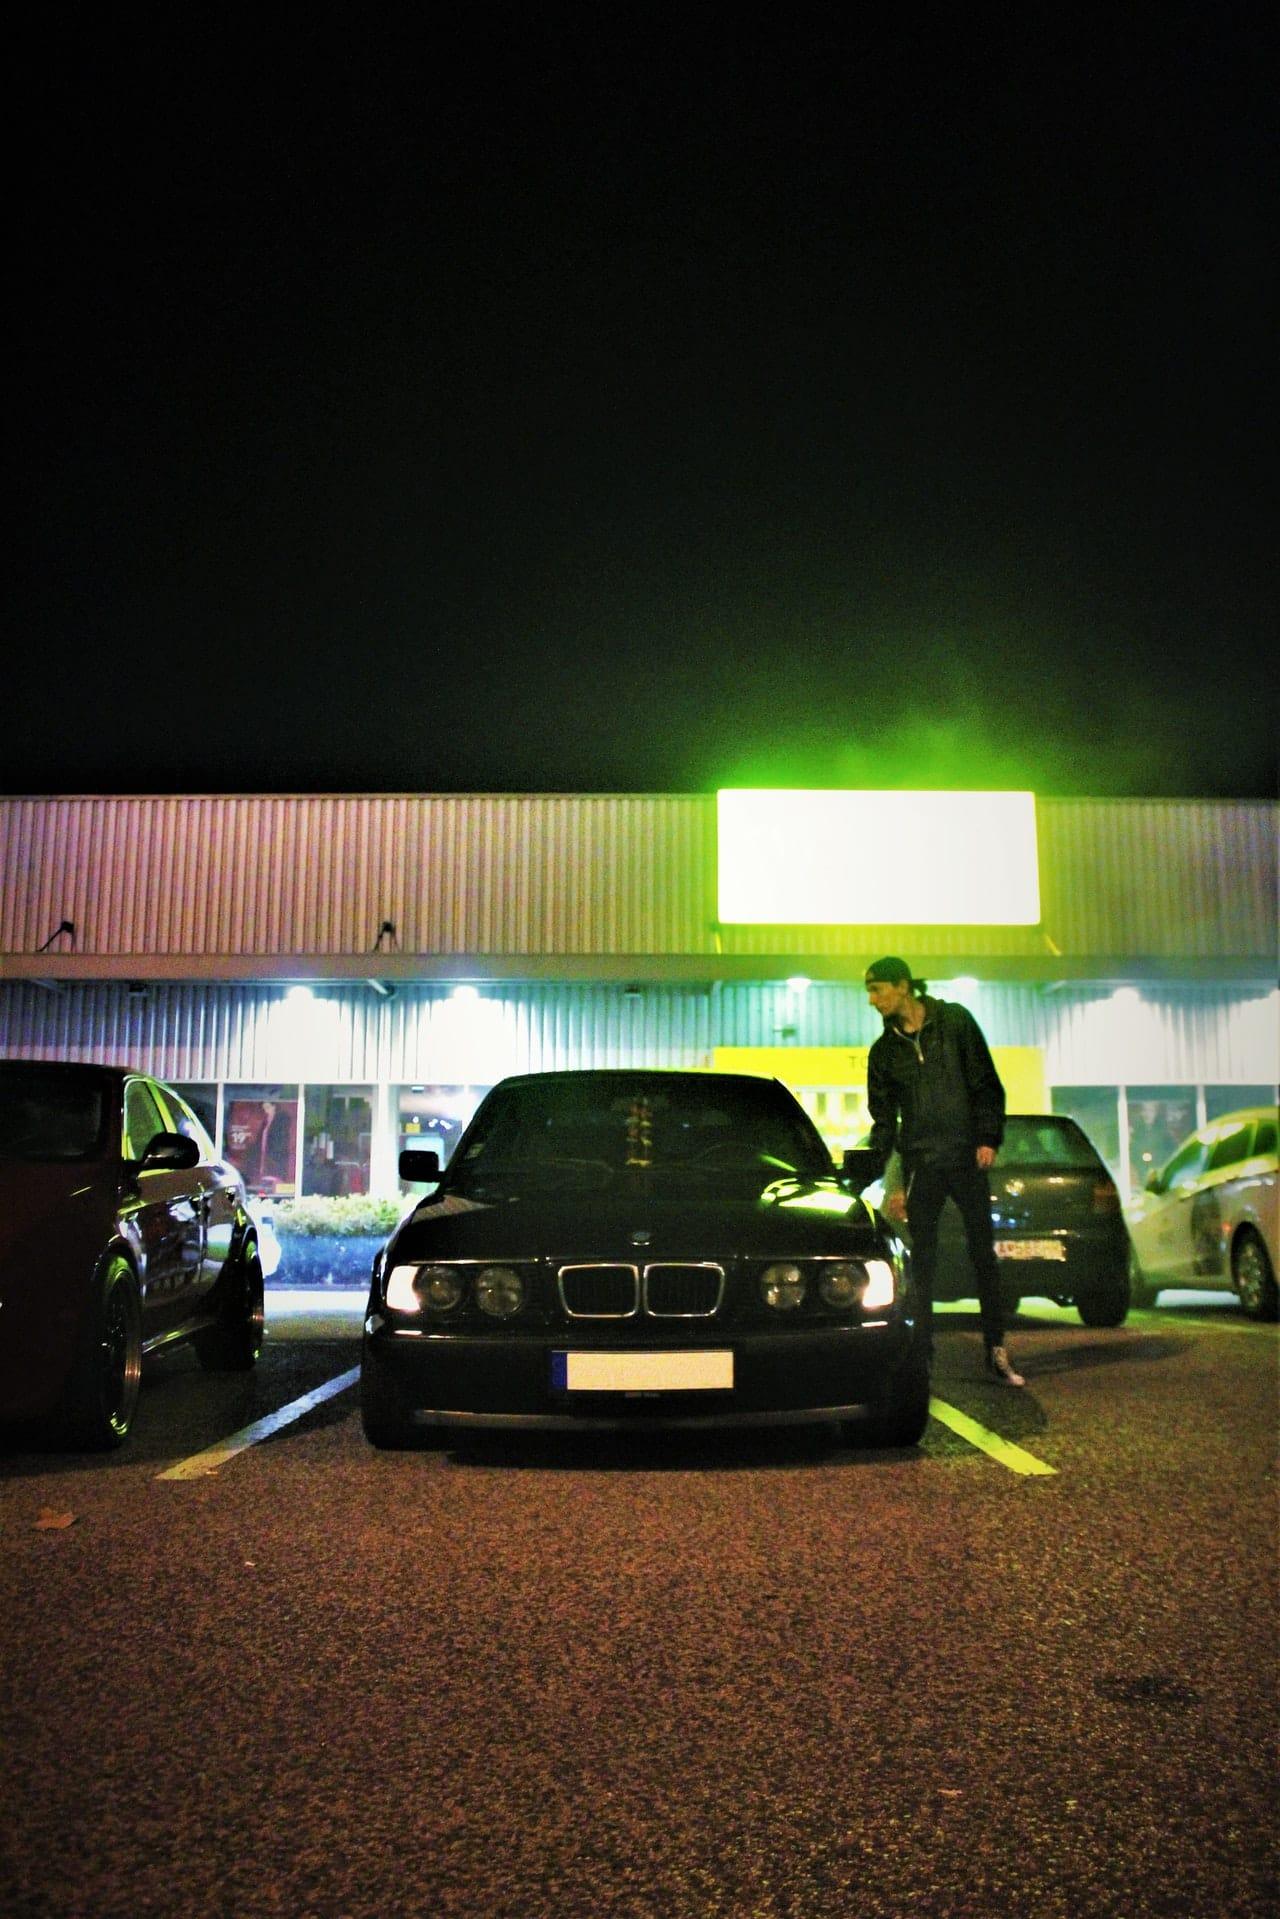 Parking Lot Safer Tips Article Image